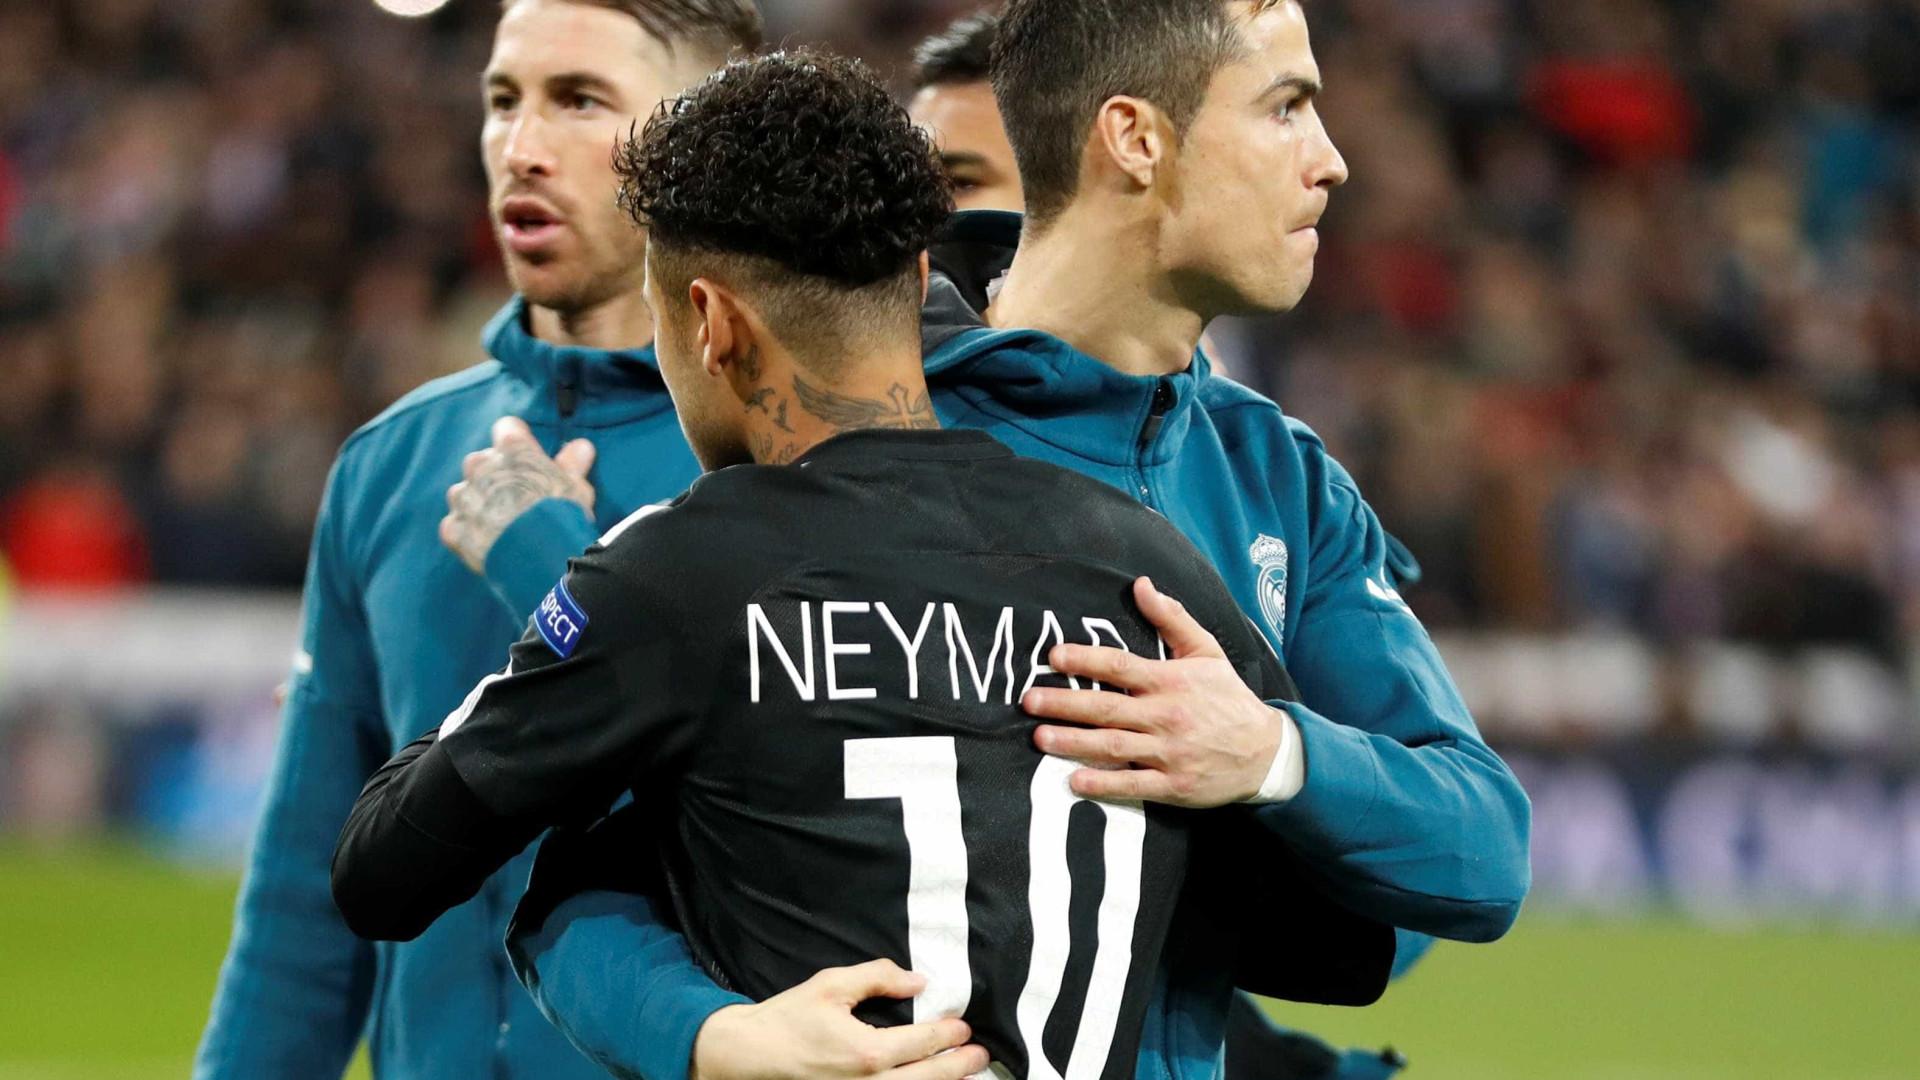 Neymar conversa com o Real Madrid e preço superaria R$1 bilhão